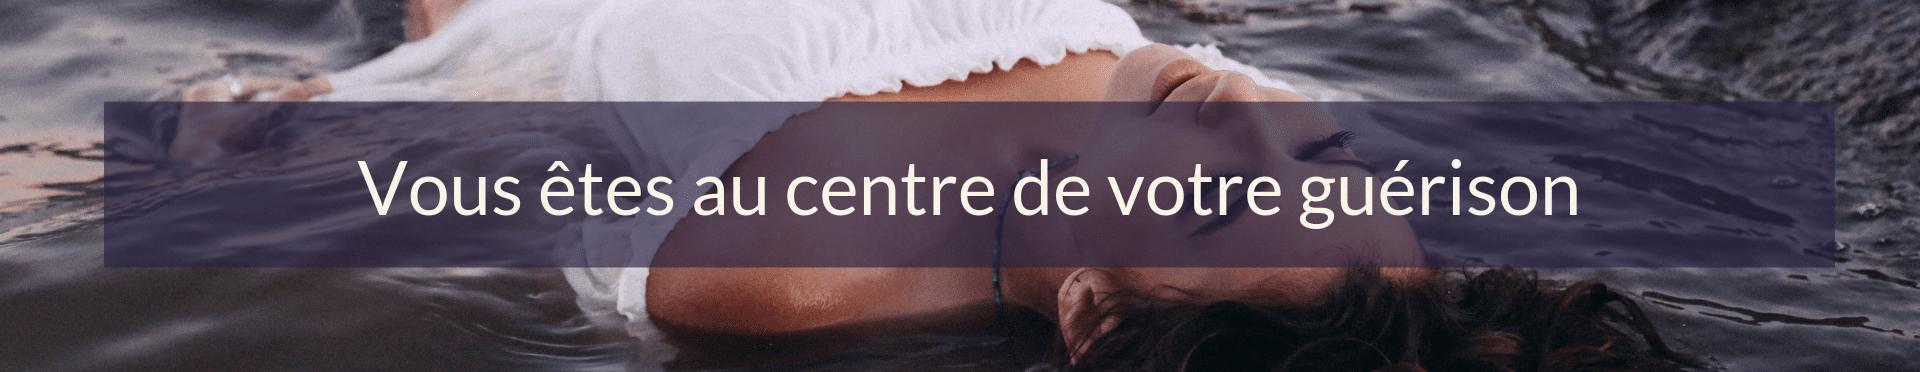 Citation de l'article tourisme spirituel : Vous êtes au centre de votre guérison